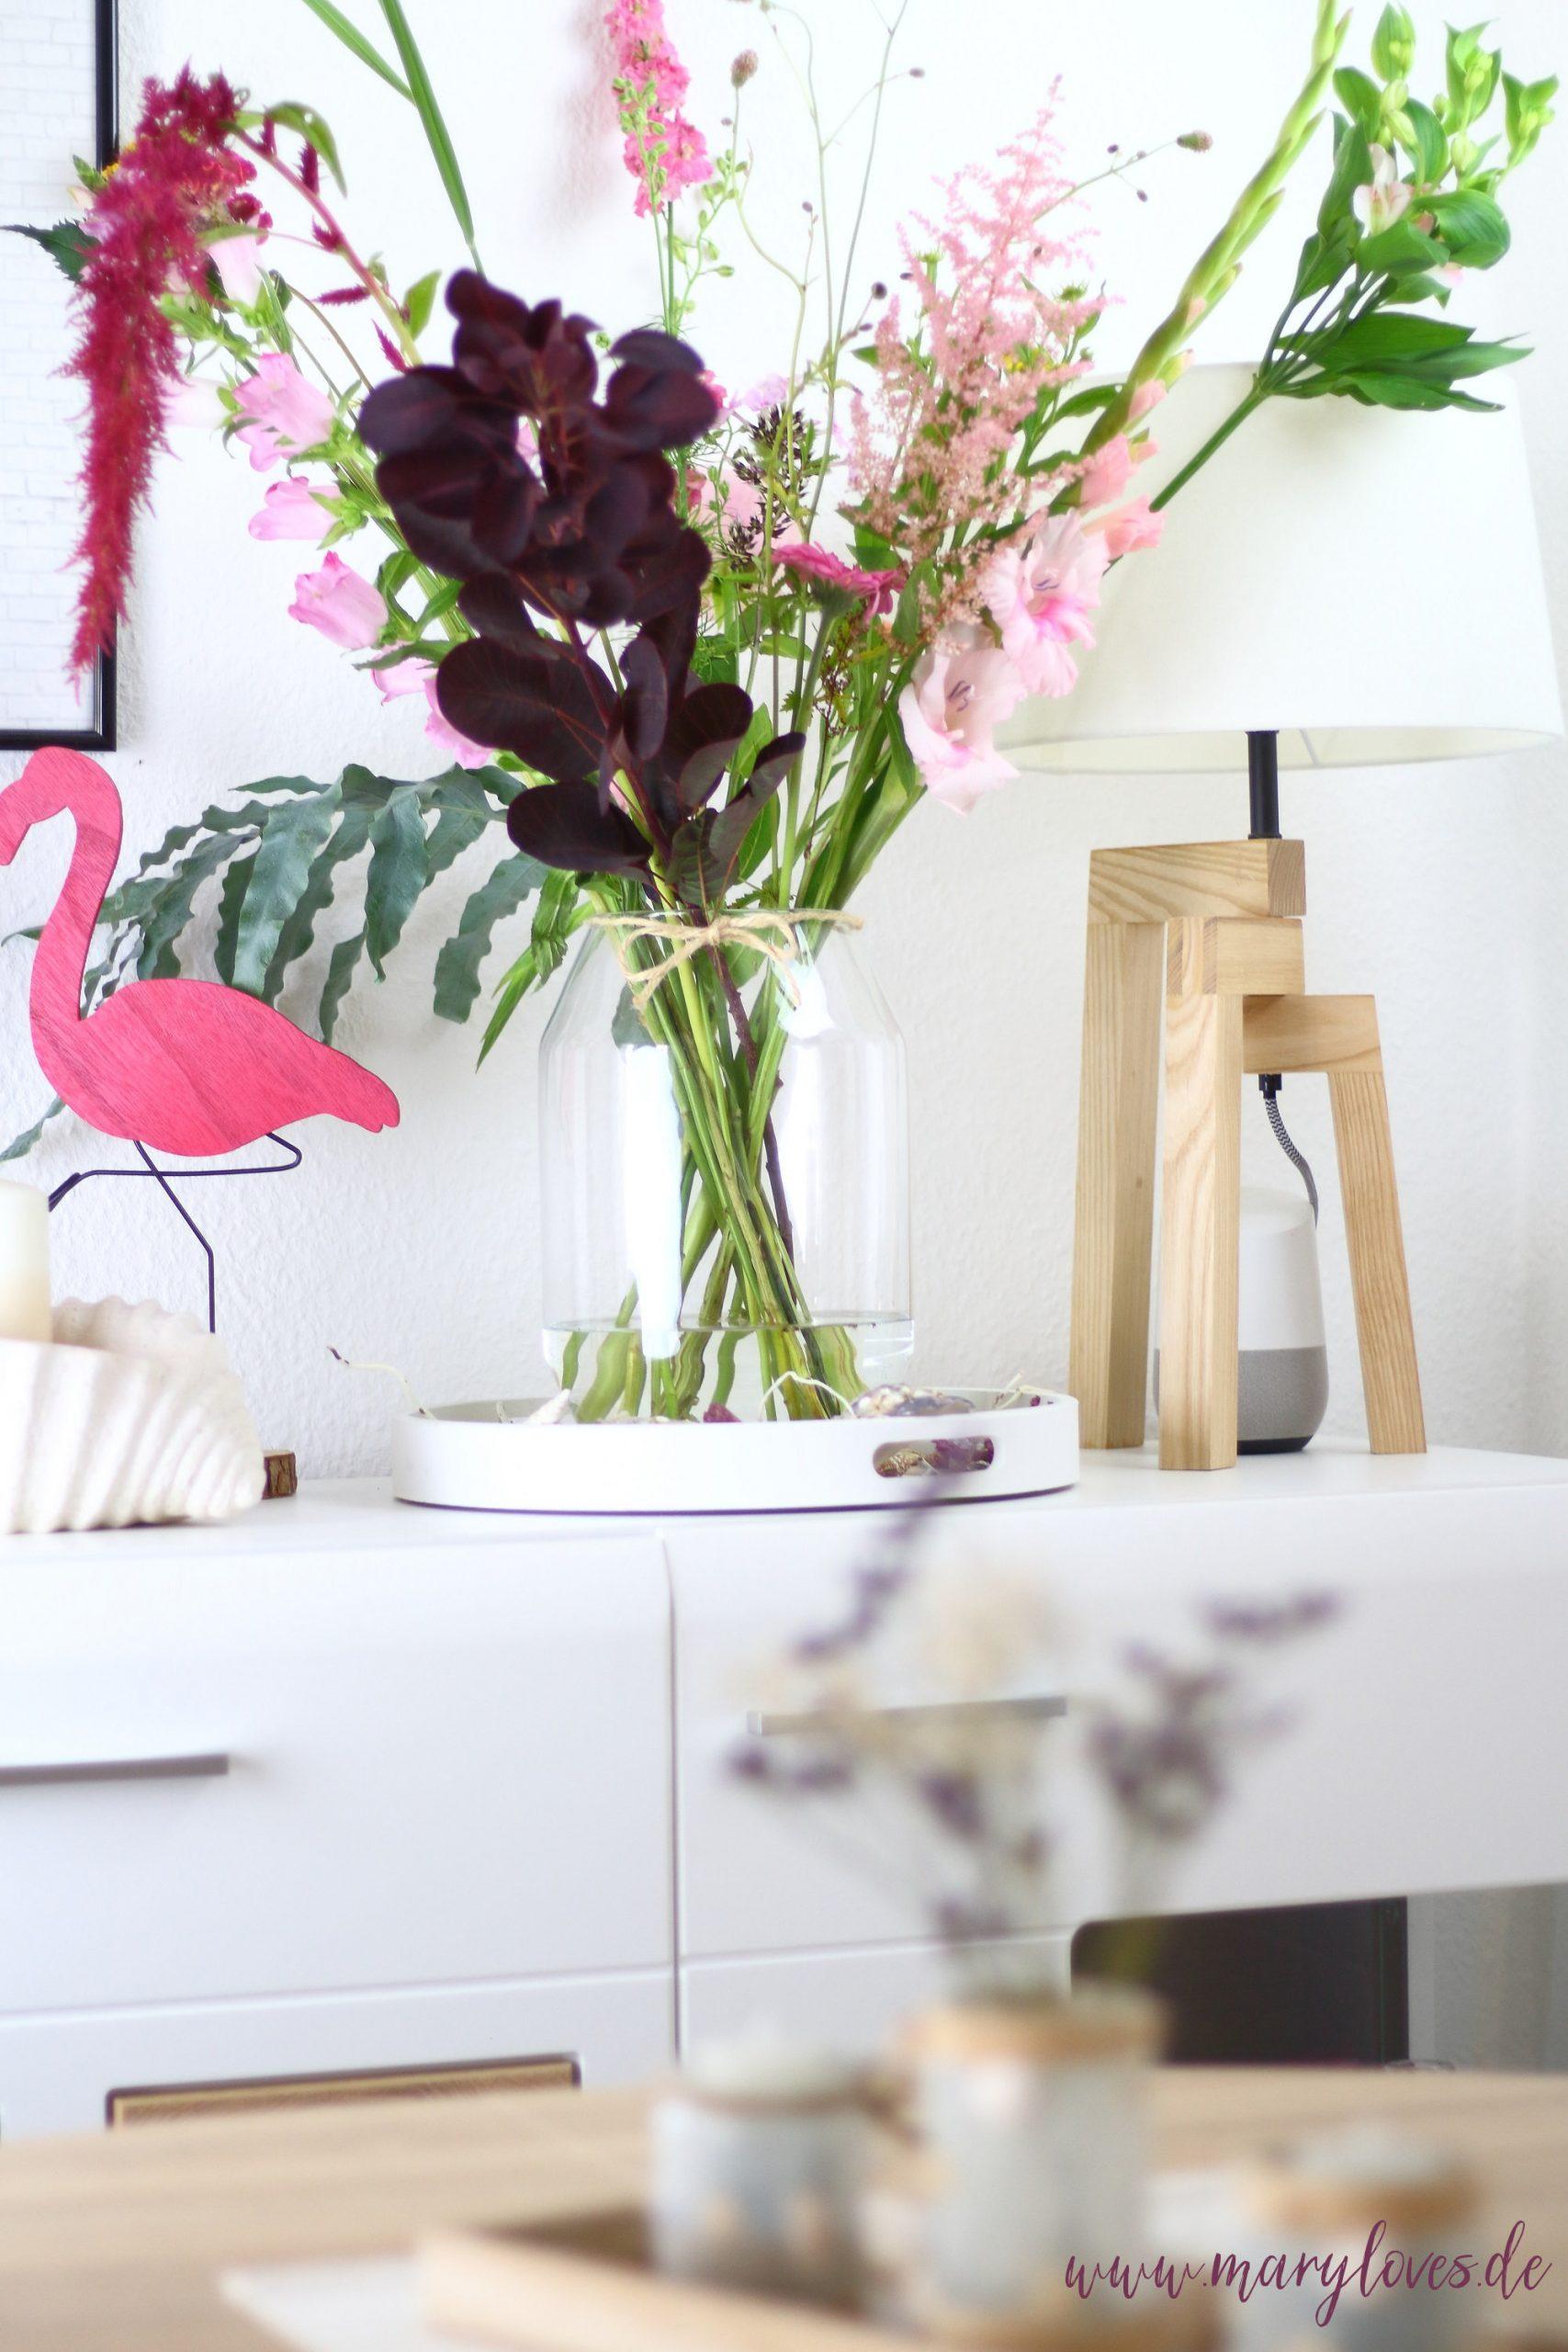 Frische Blumen & sommerliche Deko für die richtige Urlaubsstimmung